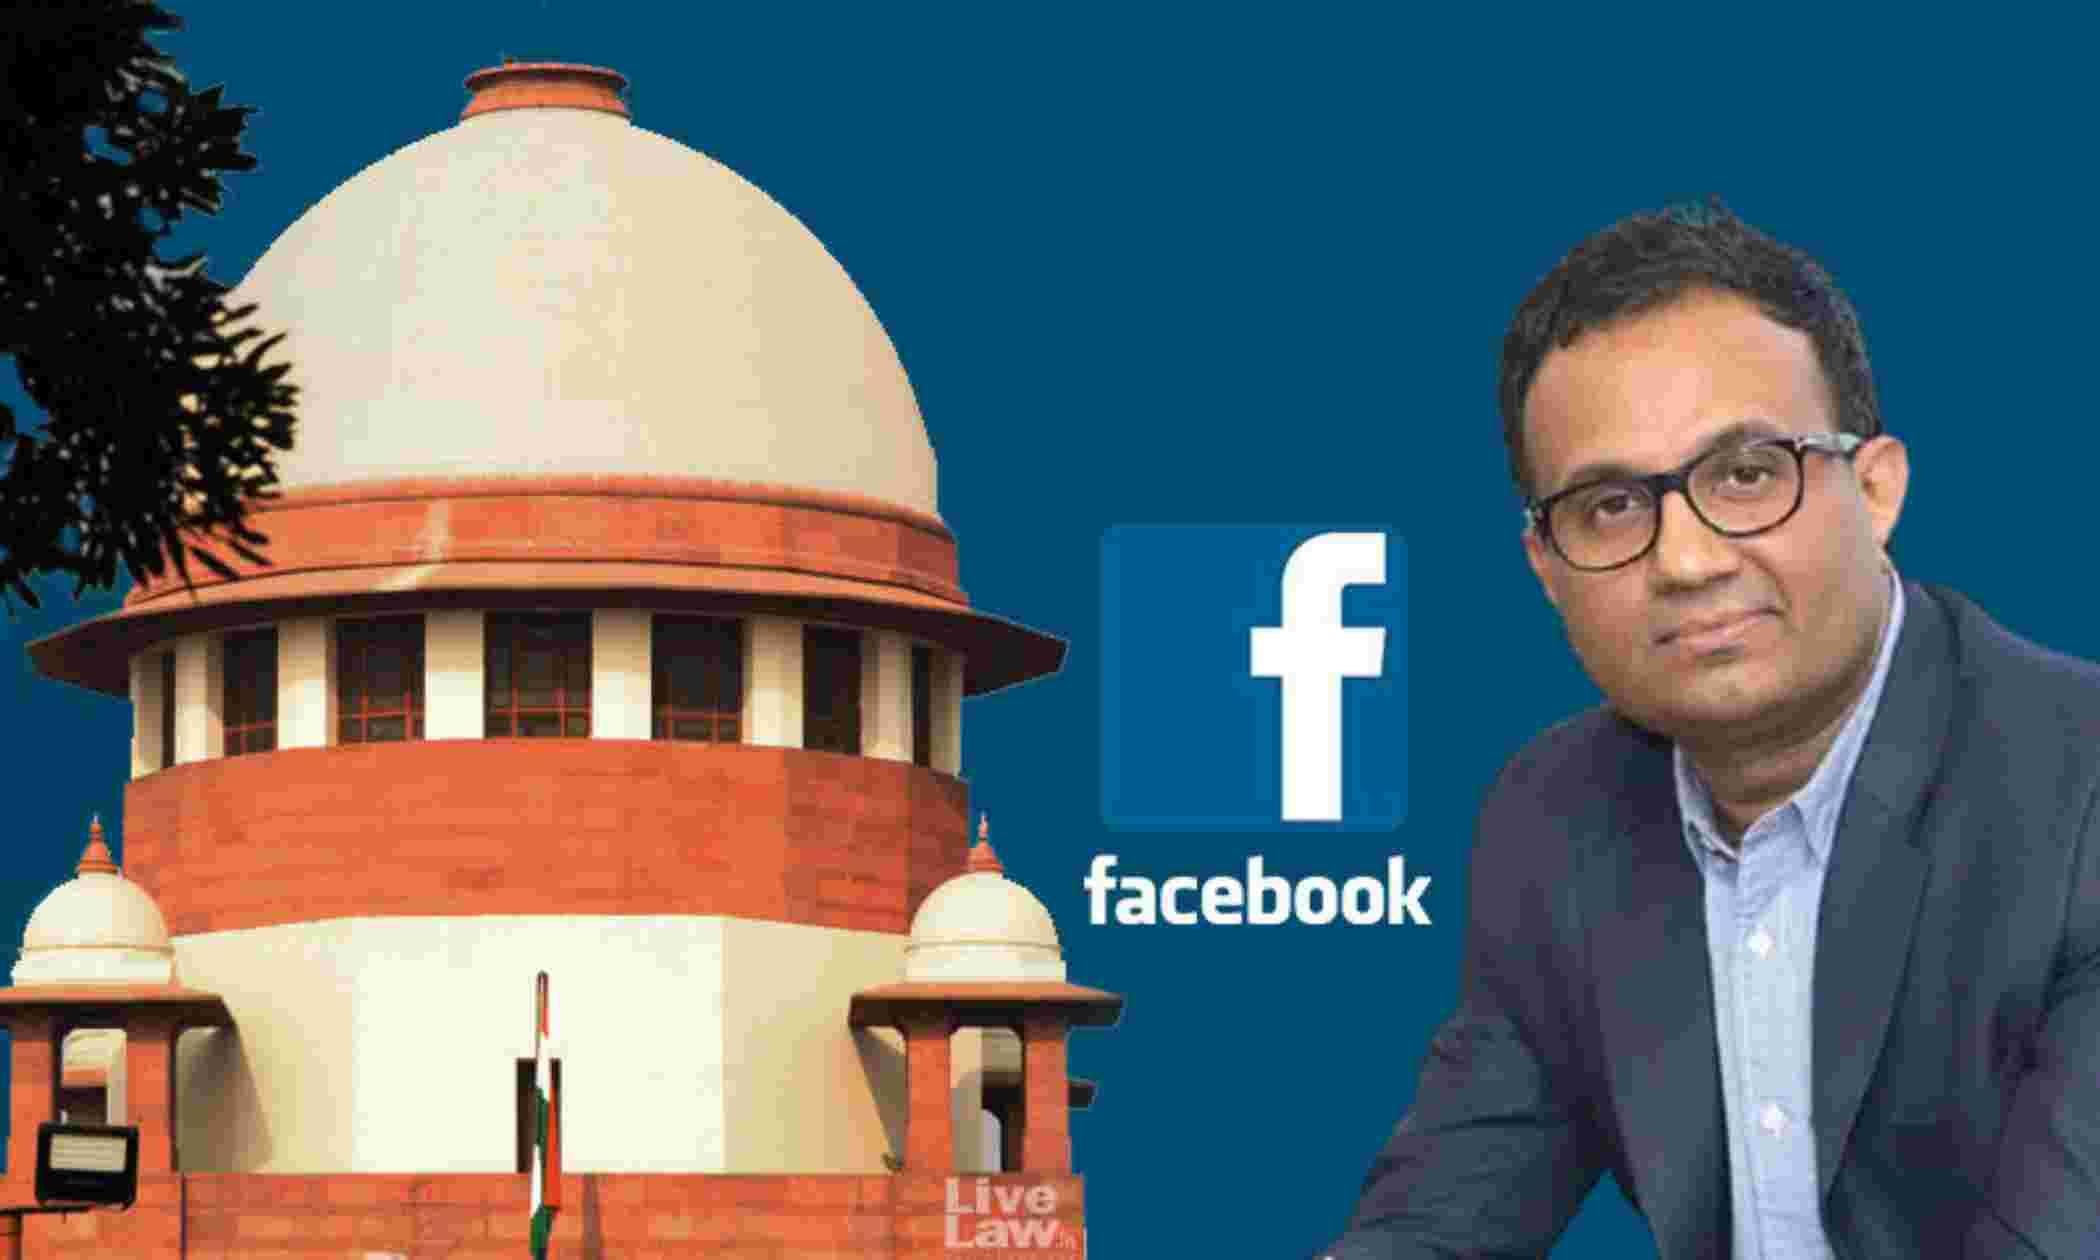 फेसबुक सिर्फ प्लेटफार्म देता है, इसके वाइस प्रेसिडेंट दिल्ली विधानसभा पैनल के समक्ष उपस्थित नहीं होंगे : हरीश साल्वे ने सुप्रीम कोर्ट को बताया